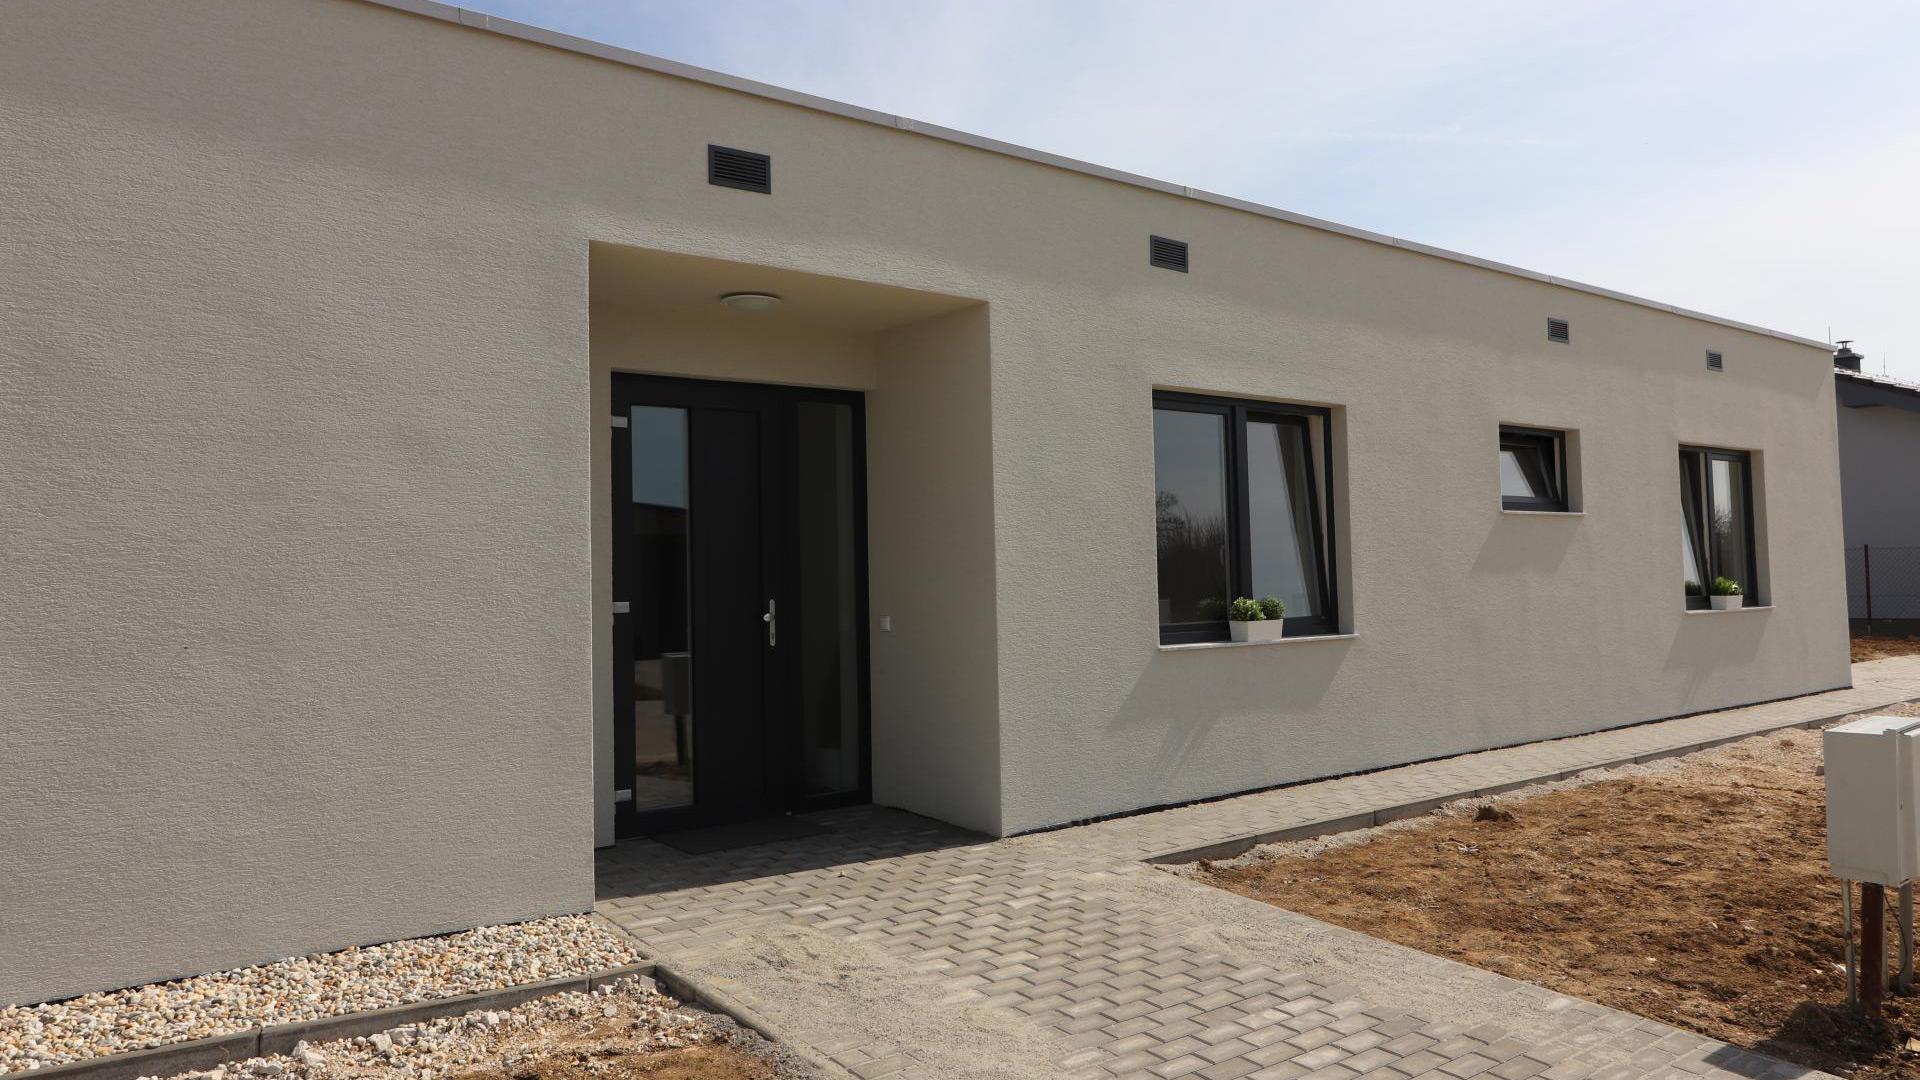 Predaj 4-izbového rodinného domu v Moravanoch nad Váhom